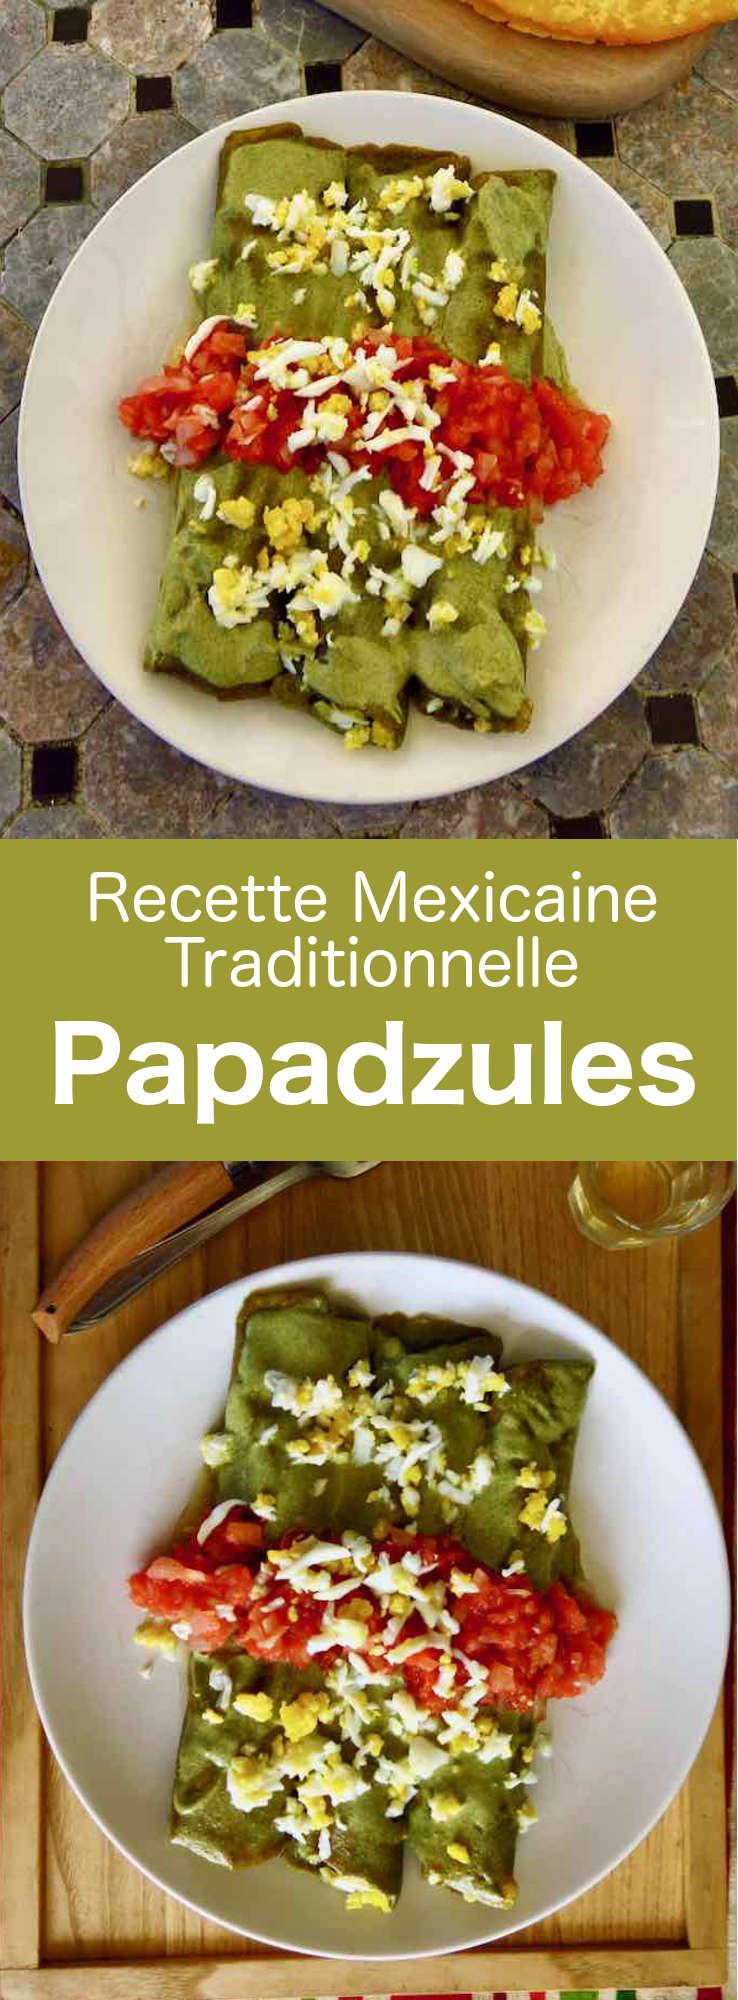 Les papadzules sont des tortillas de maïs frites, trempées dans une sauce aux graines de courge torréfiées, garnies d'œufs durs et de salsa chiltomate. #Mexique #RecetteMexicaine #CuisineDuMonde #196flavors